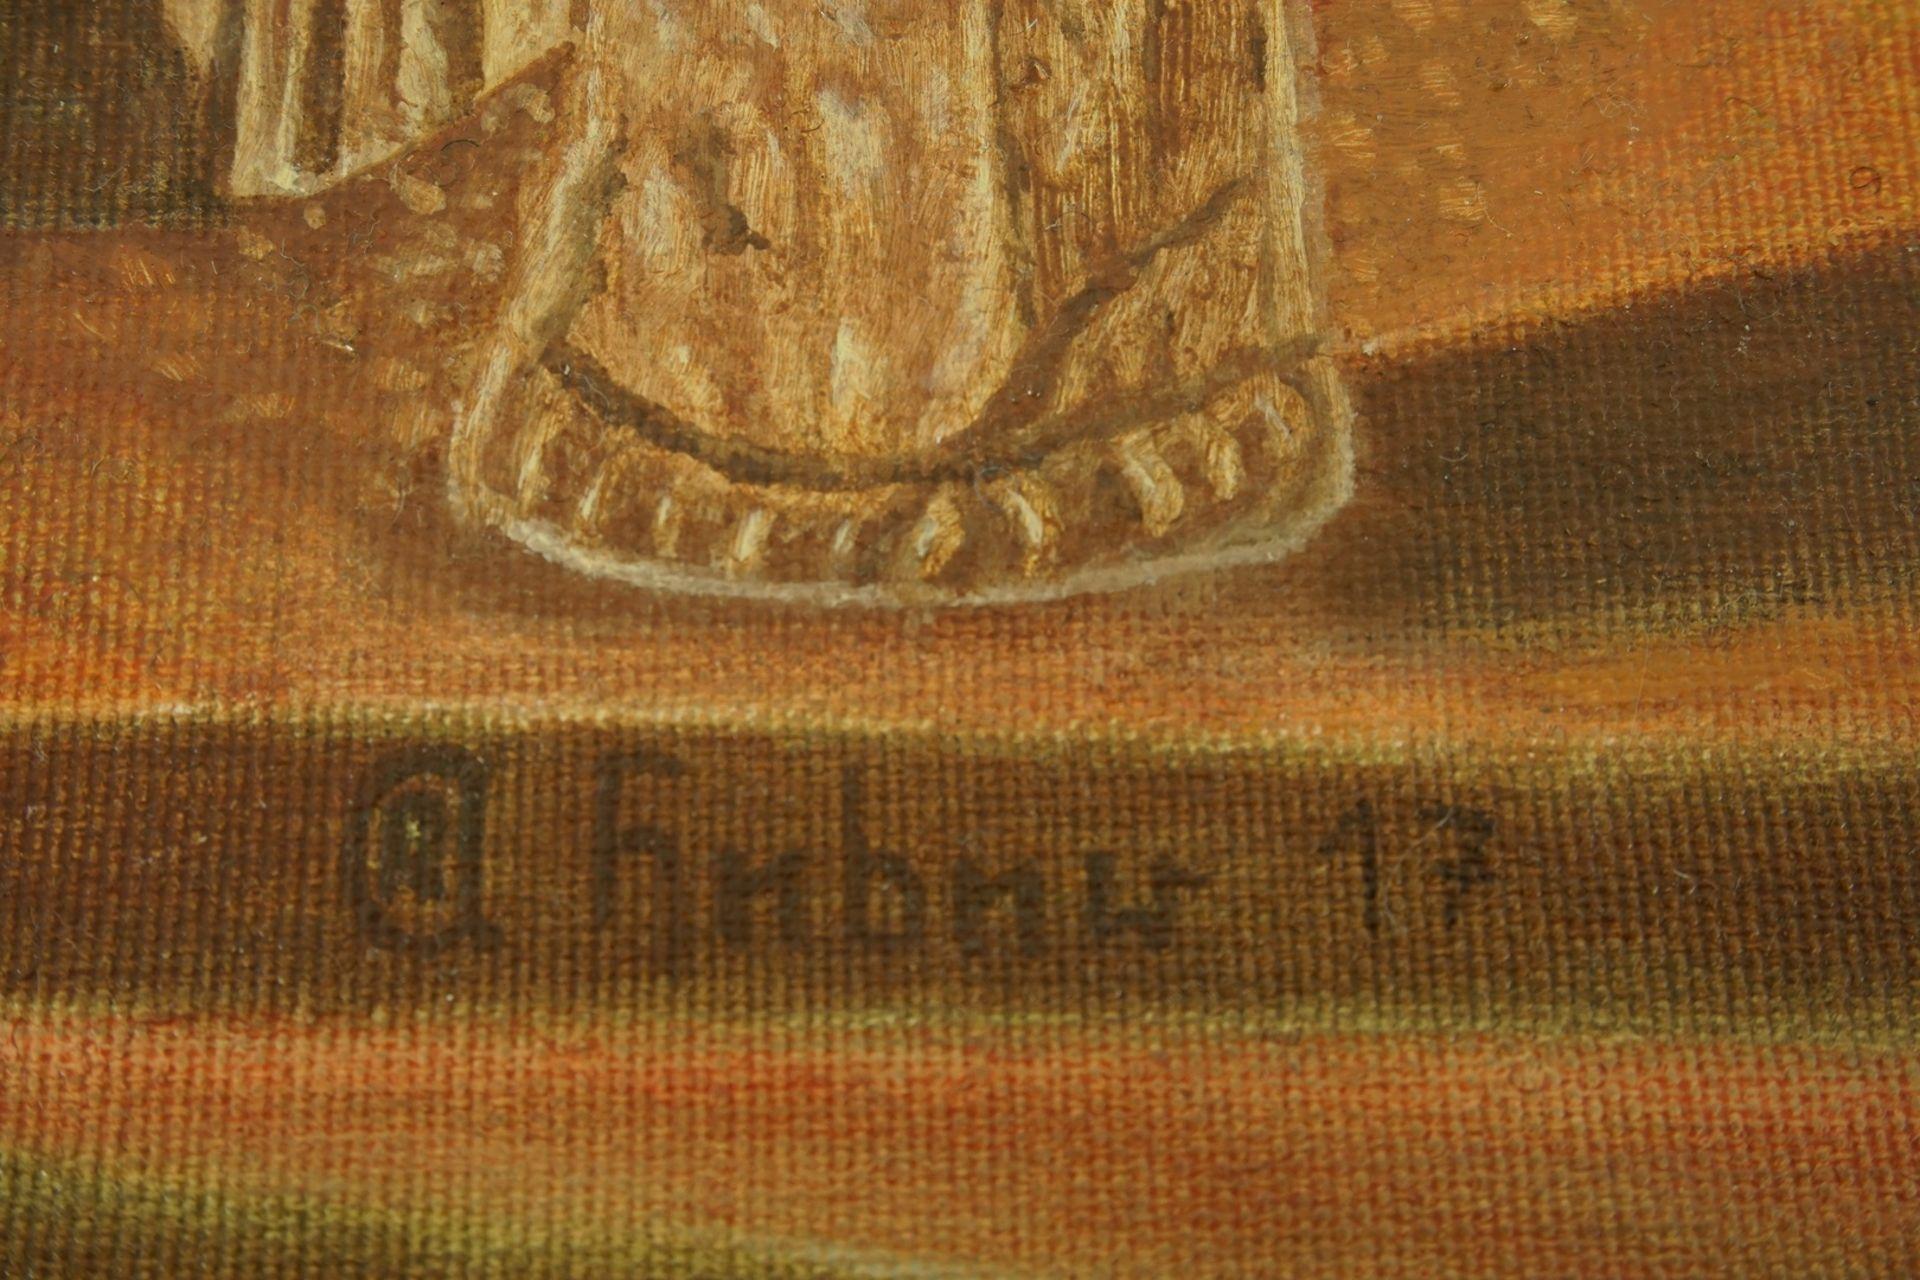 Rudolf-Andreas Heber, Allegorie auf die Vergänglichkeit - Bild 4 aus 4